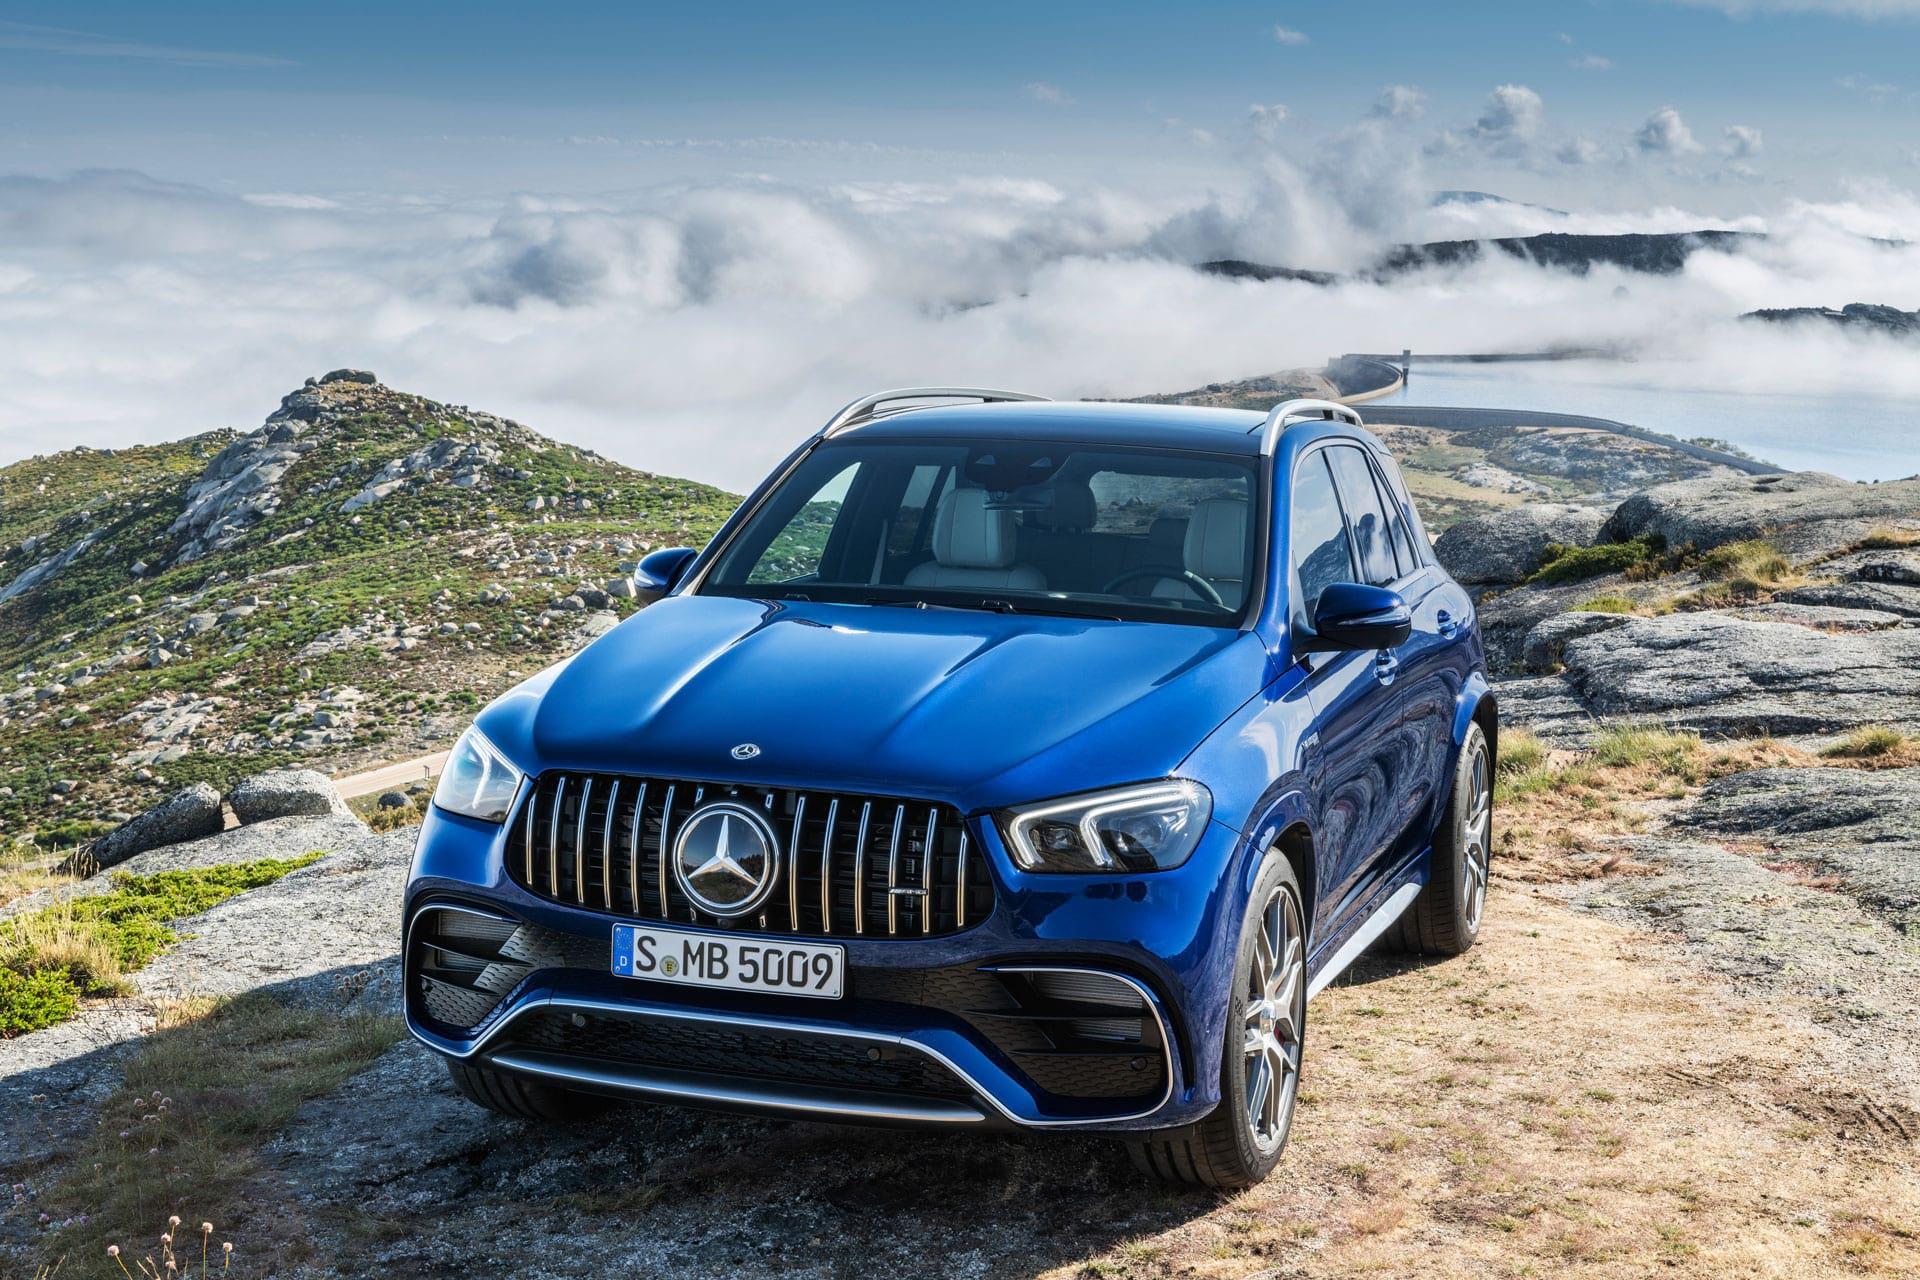 Mercedes–AMG GLE 63 4MATIC і GLE 63 S 4MATIC нове покоління класики